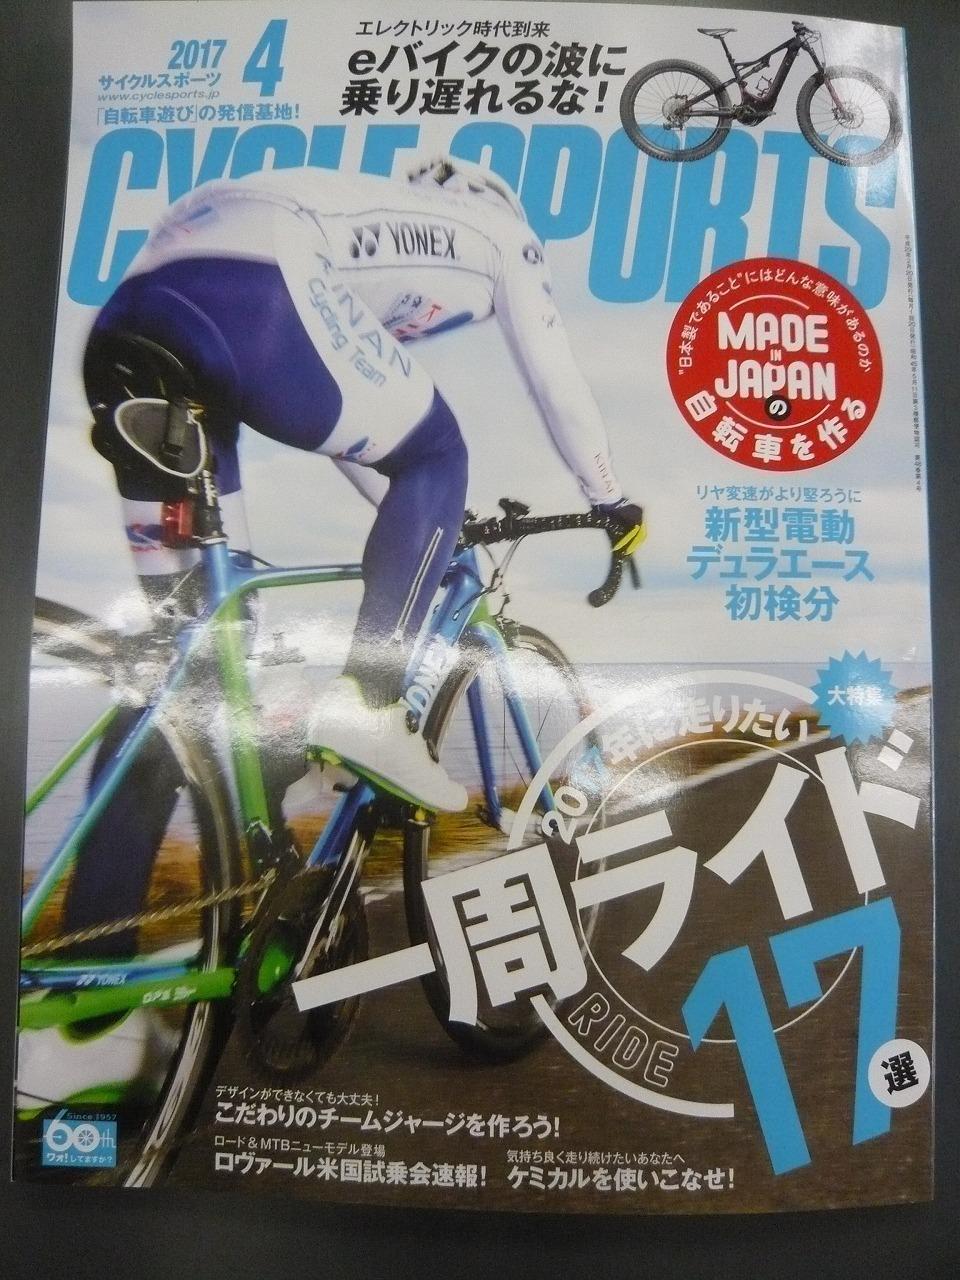 手組ホィール gokiso climber/hoshi w-butted/araya rc-540 クリンチャー_a0262093_18490144.jpg